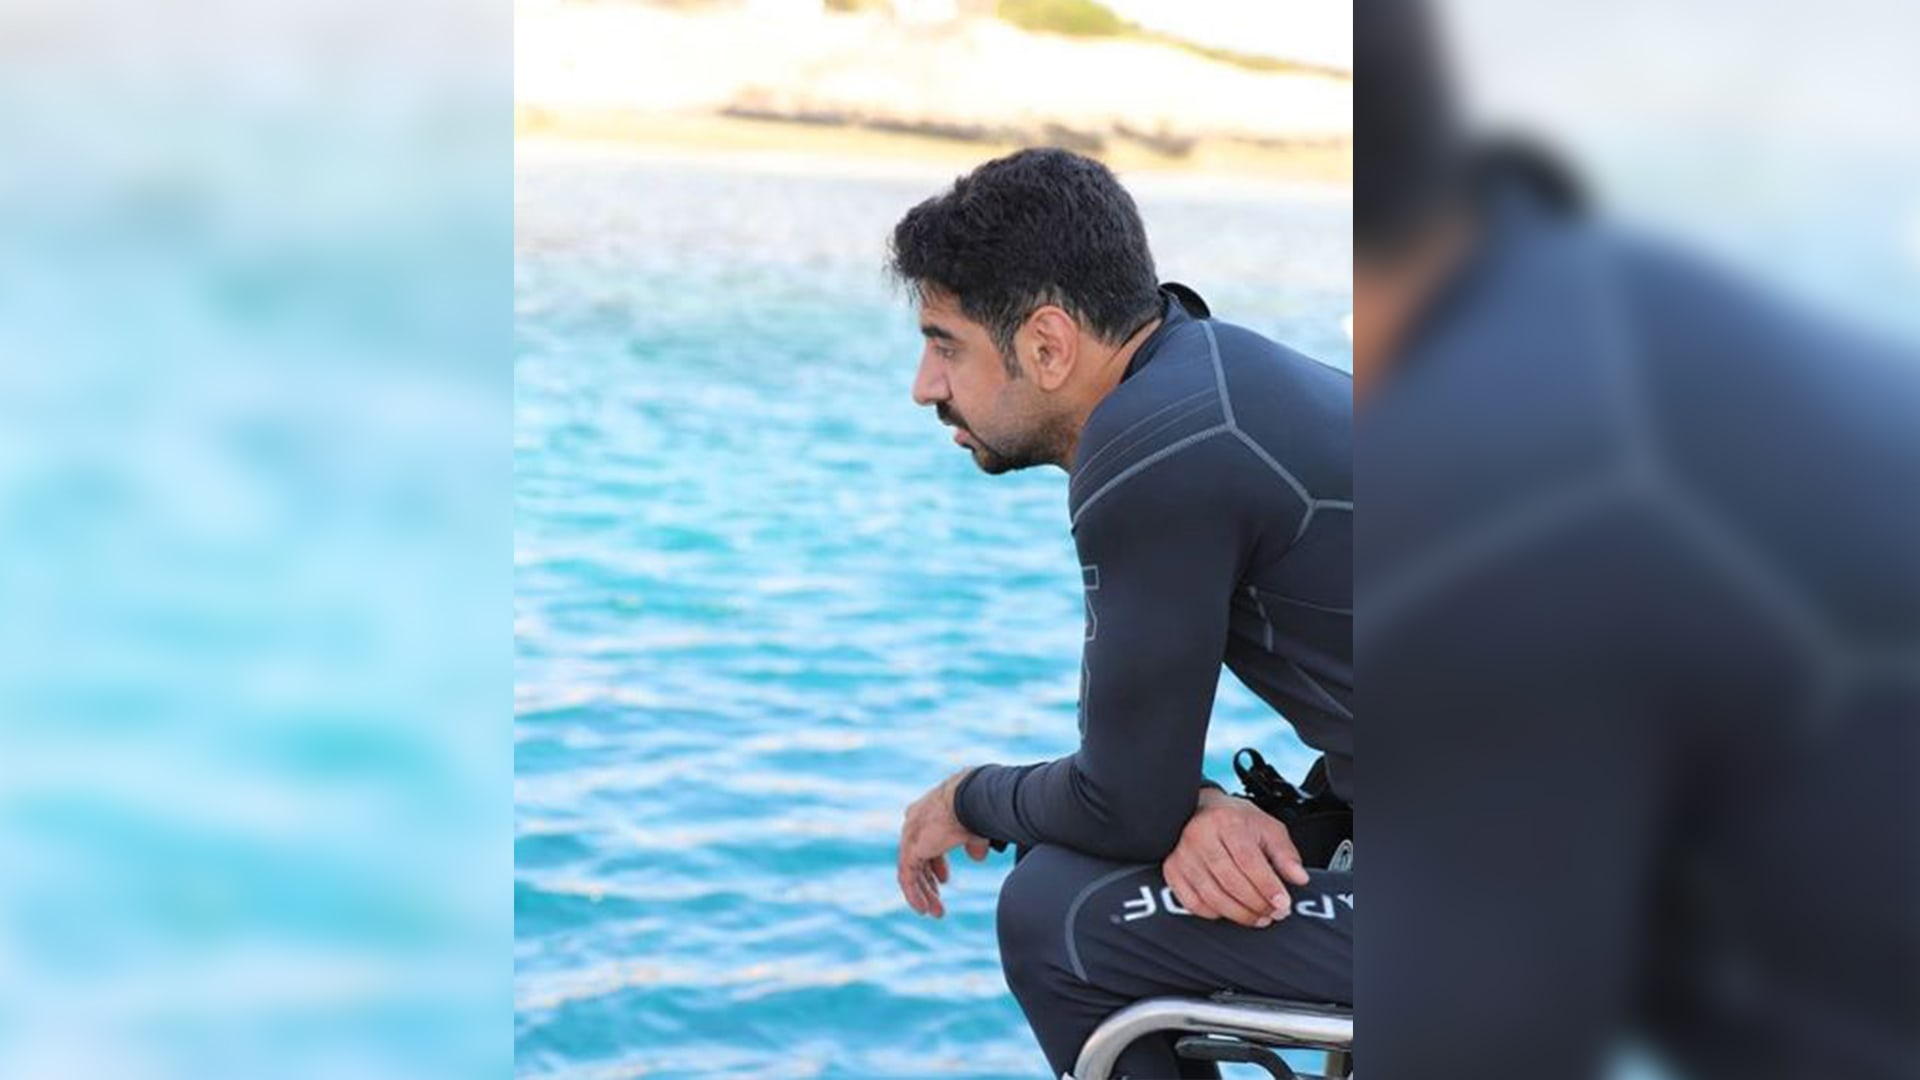 """ما """"القفص"""" الذي تحرر منه هذا الشاب الكويتي بعد دخول البحر؟"""